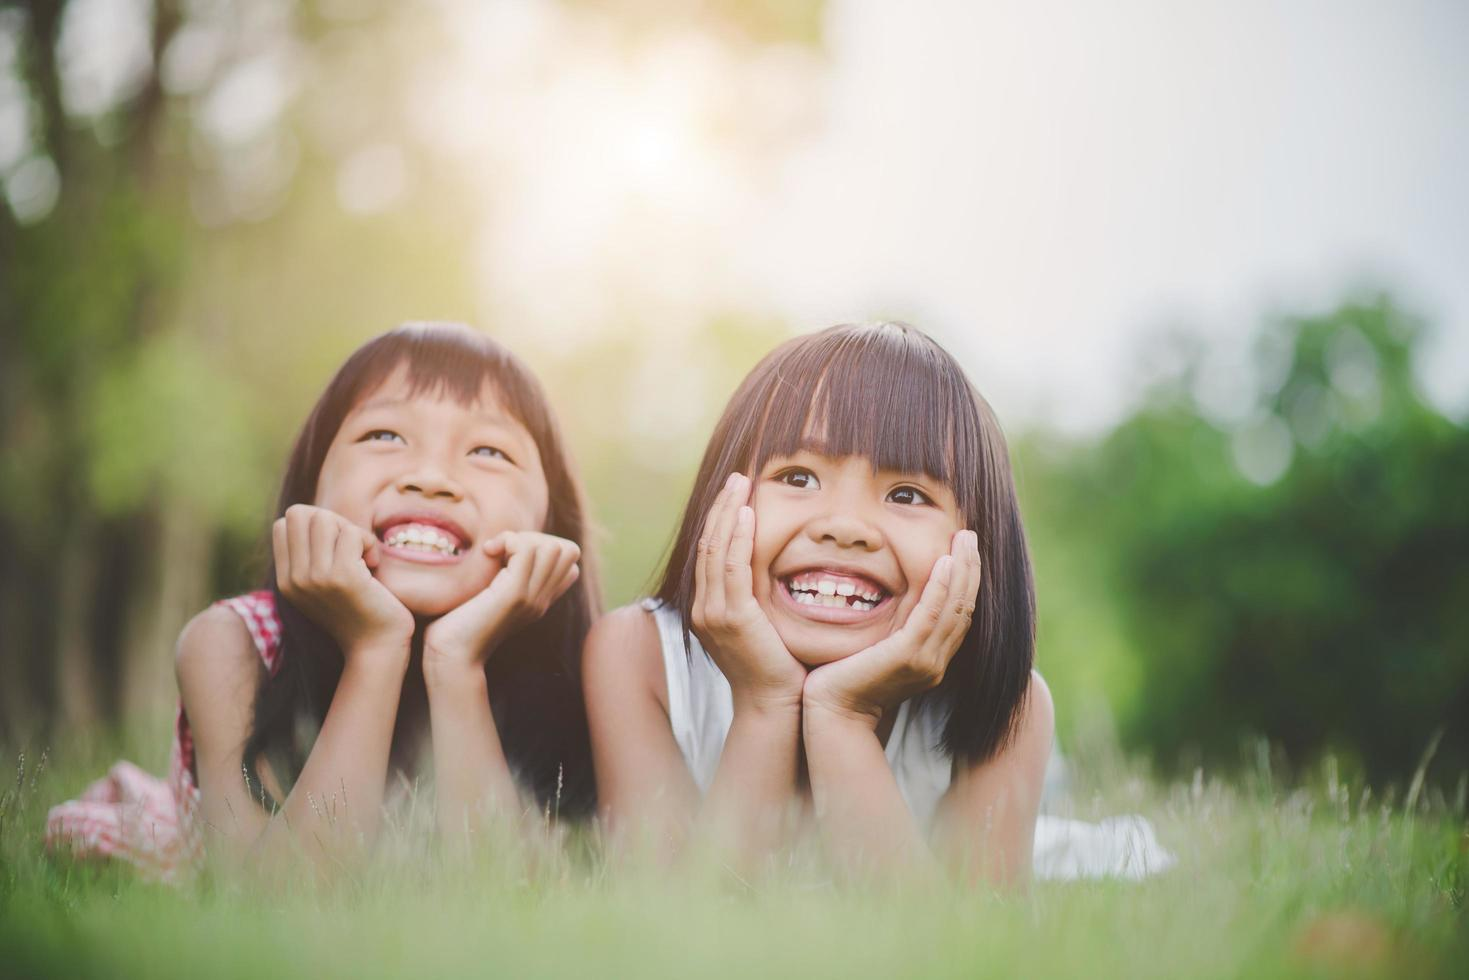 niñas recostadas cómodamente en la hierba y sonriendo foto